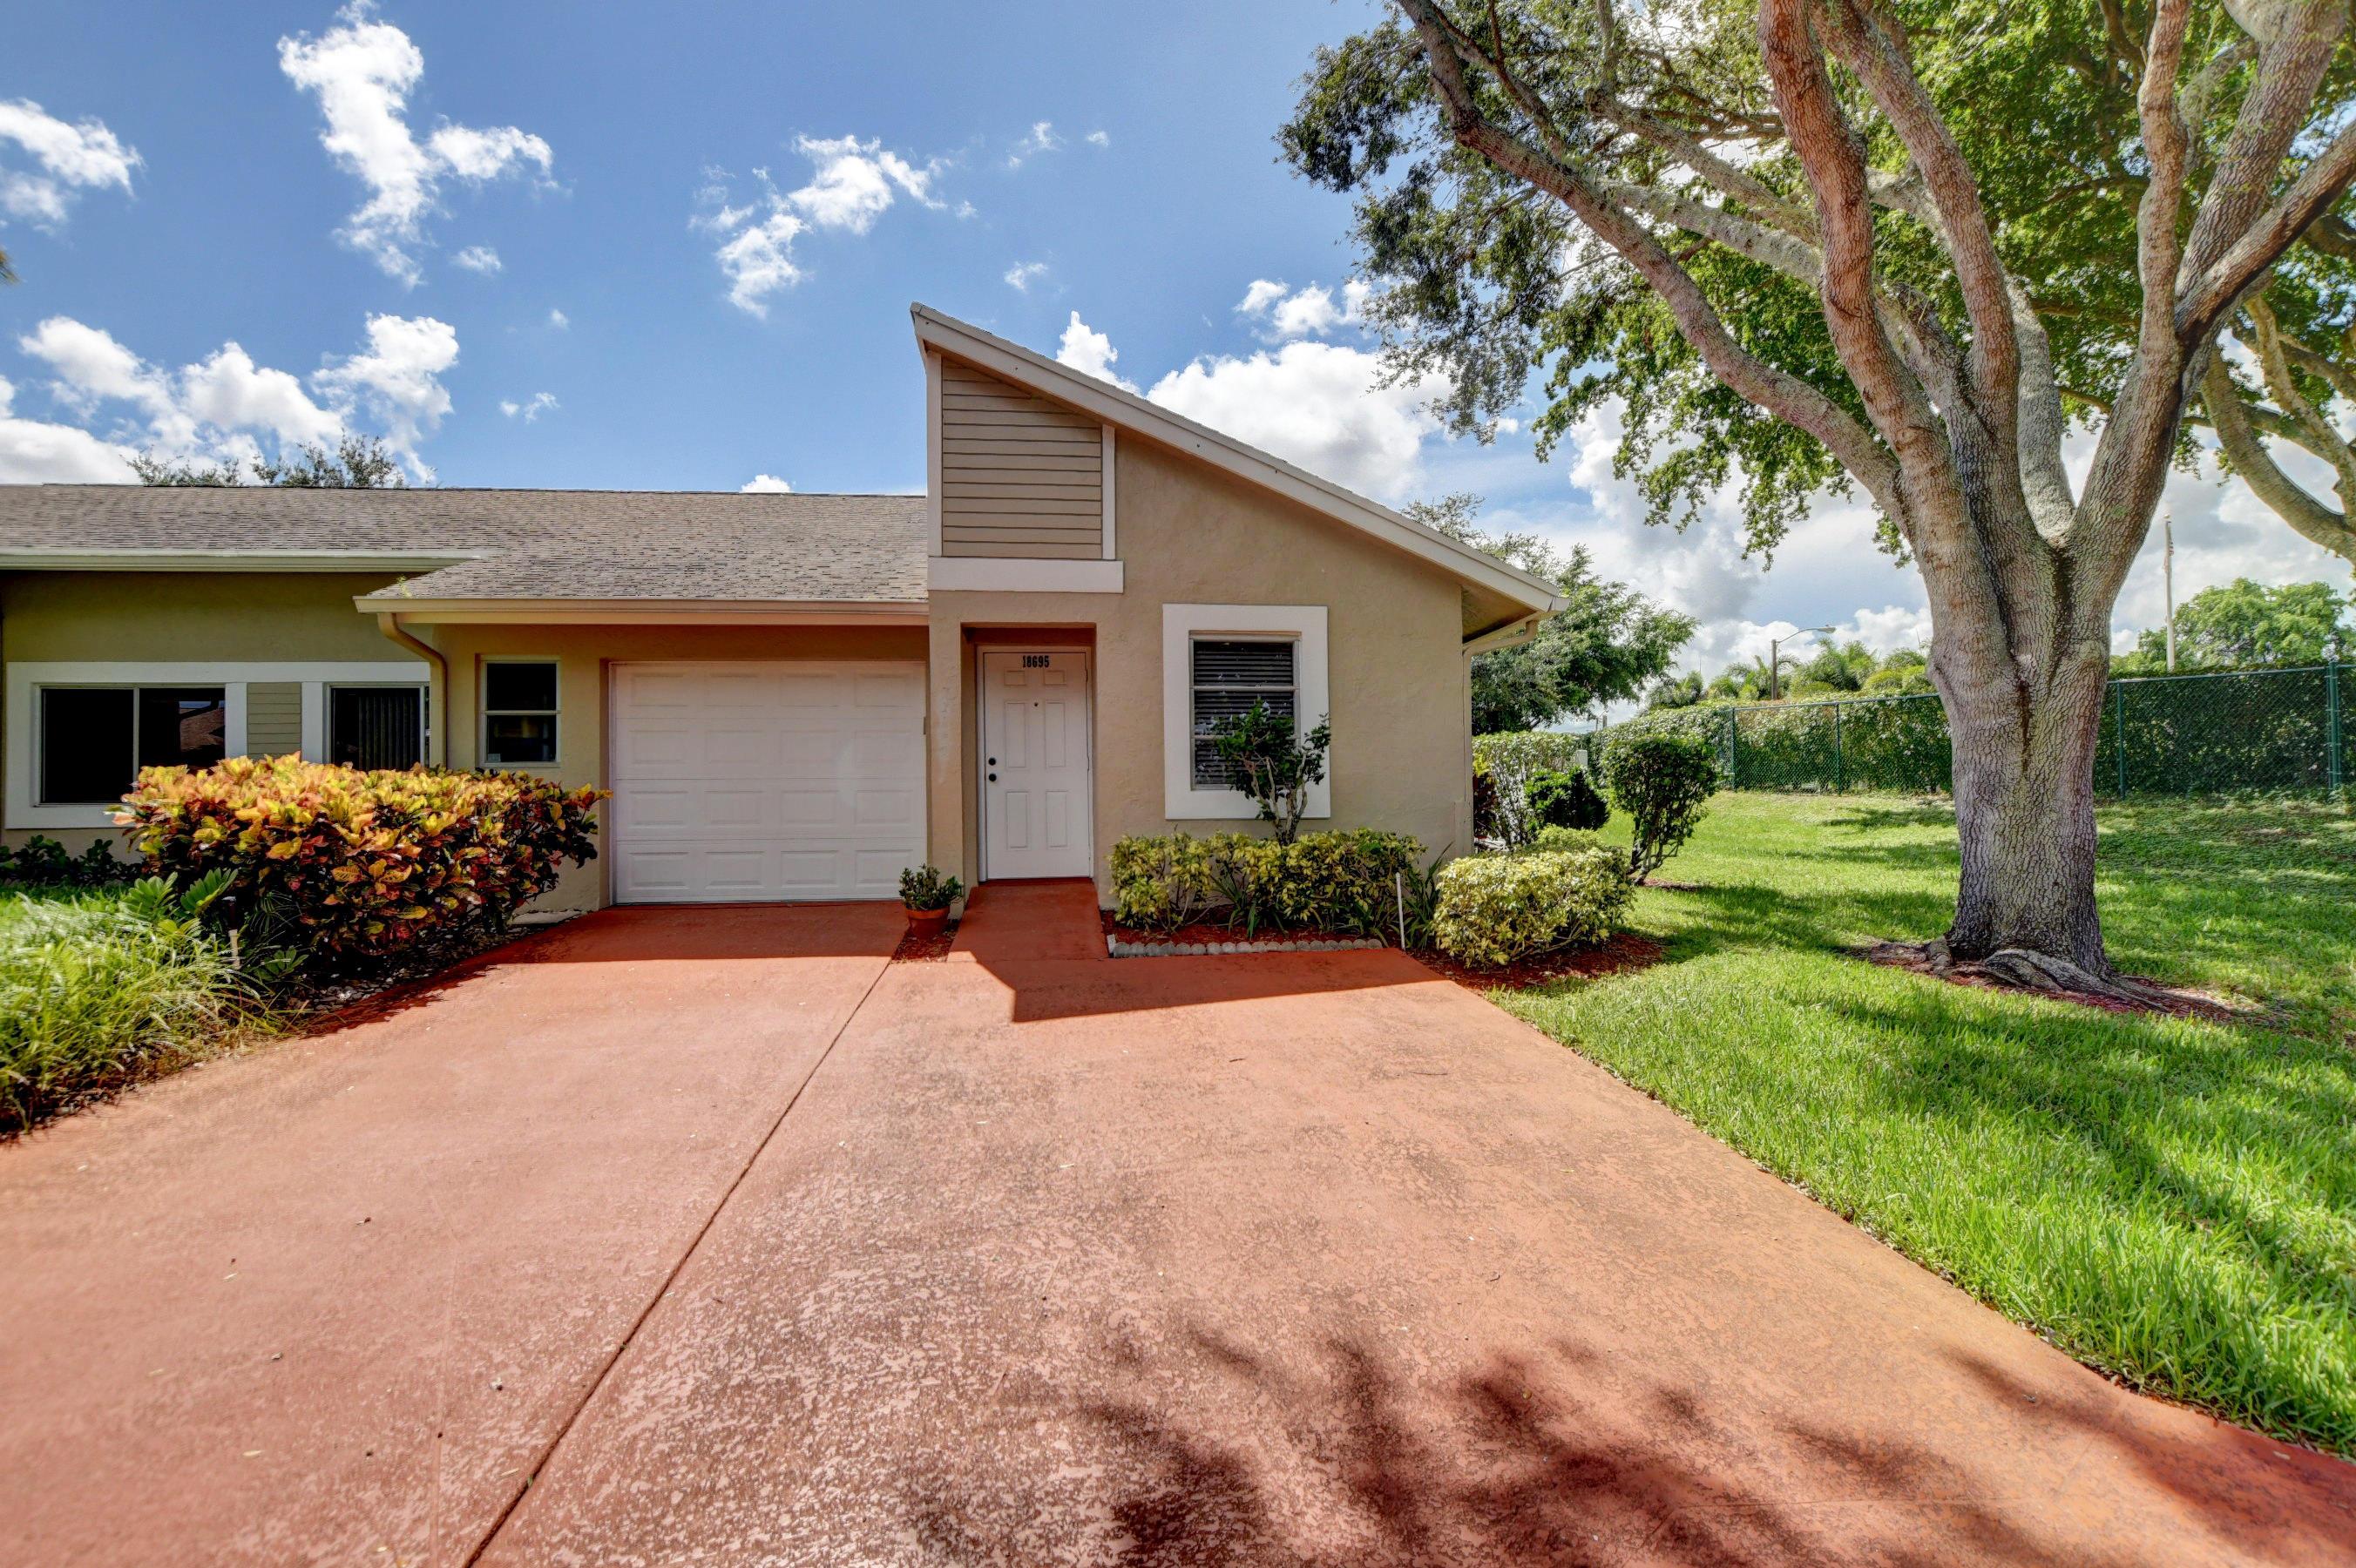 18695 Schooner Drive Boca Raton, FL 33496